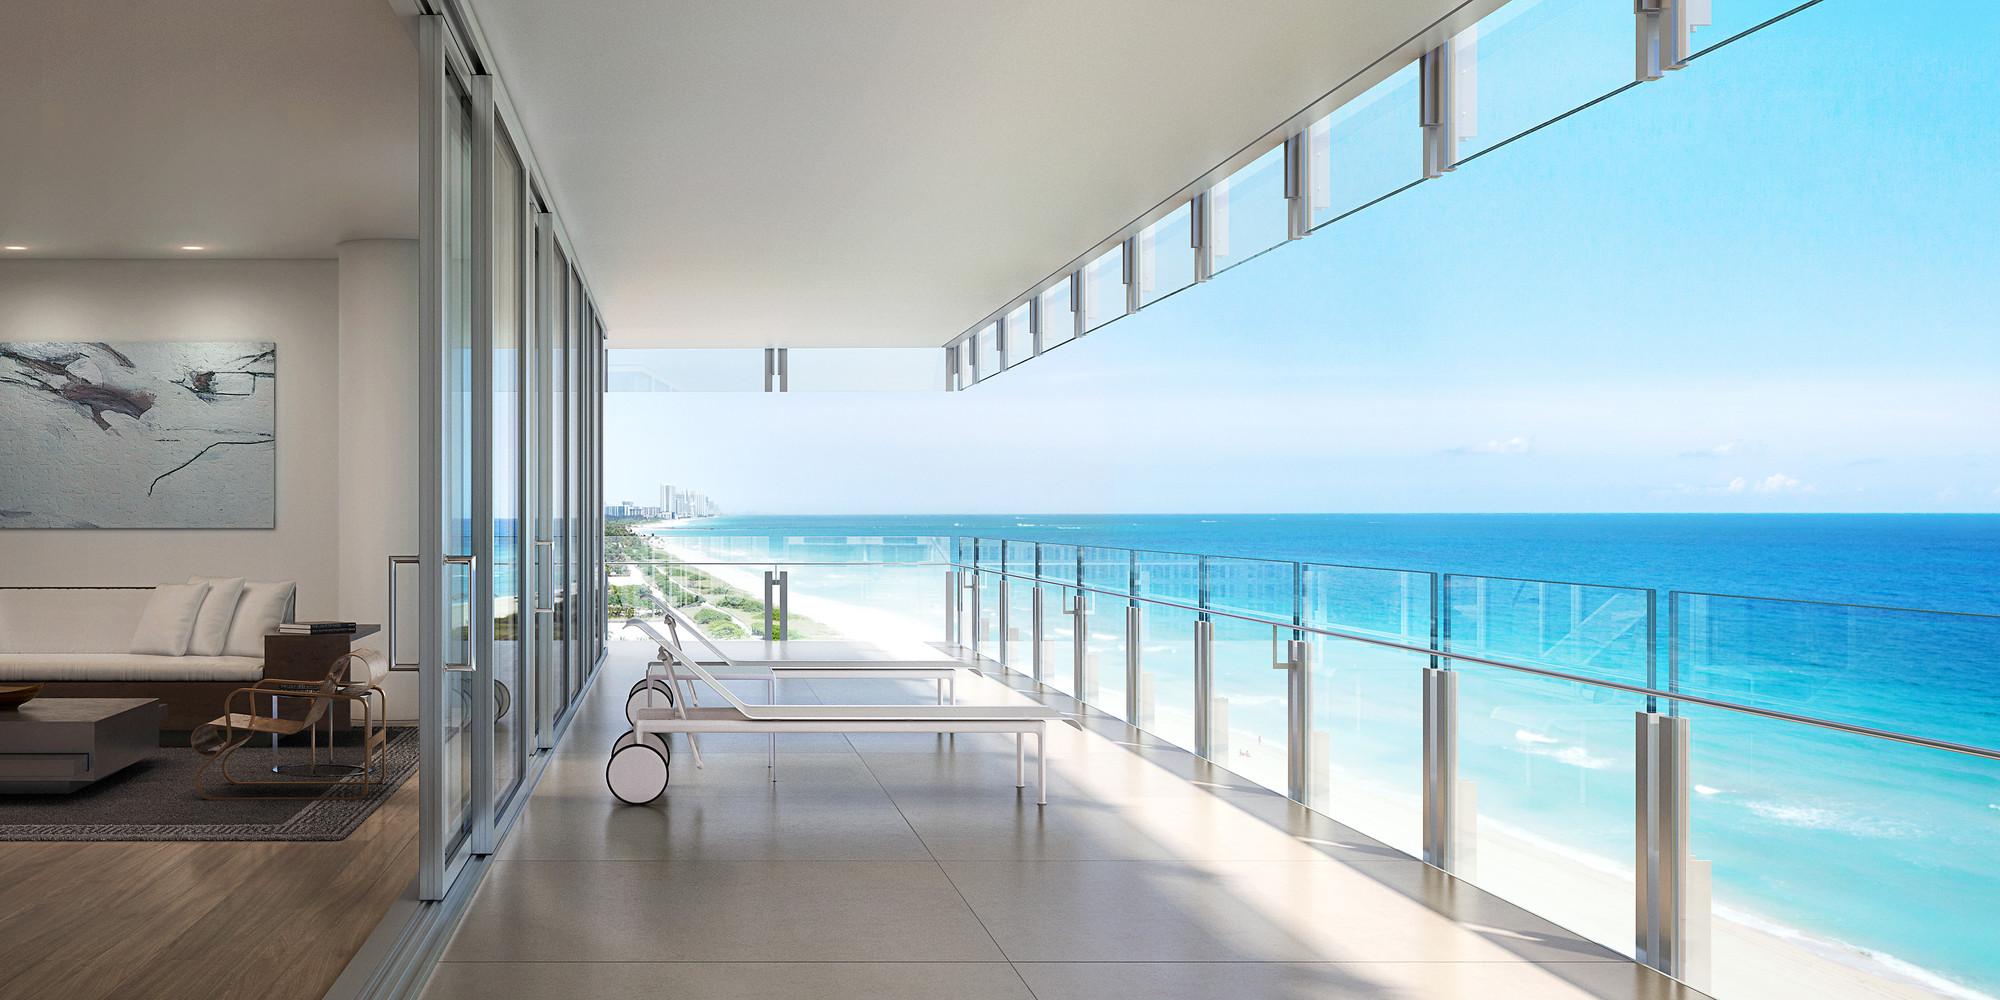 Miami Beach Ocean Club